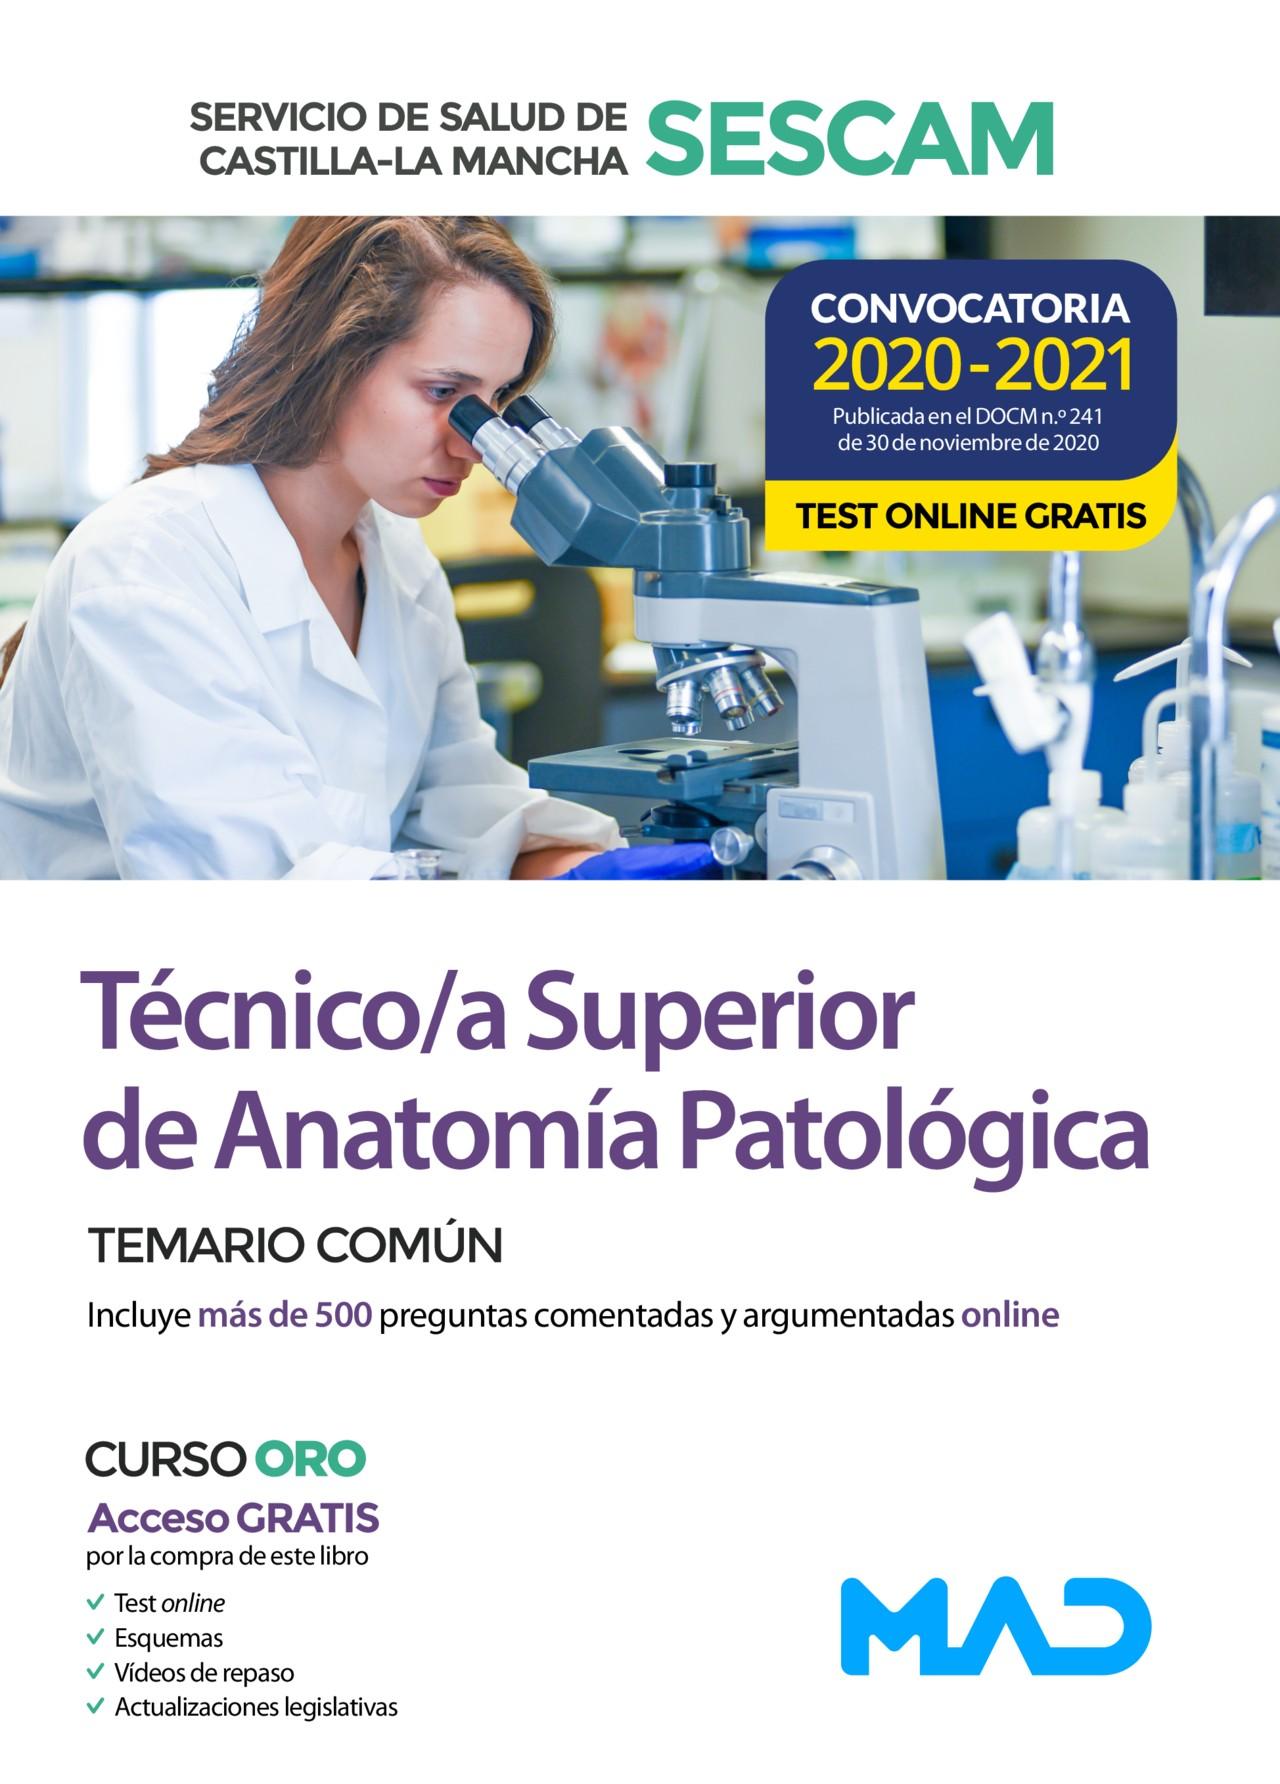 Técnico/a Superior de Anatomía Patológica del Servicio de Salud de Castilla-La Mancha (SESCAM)